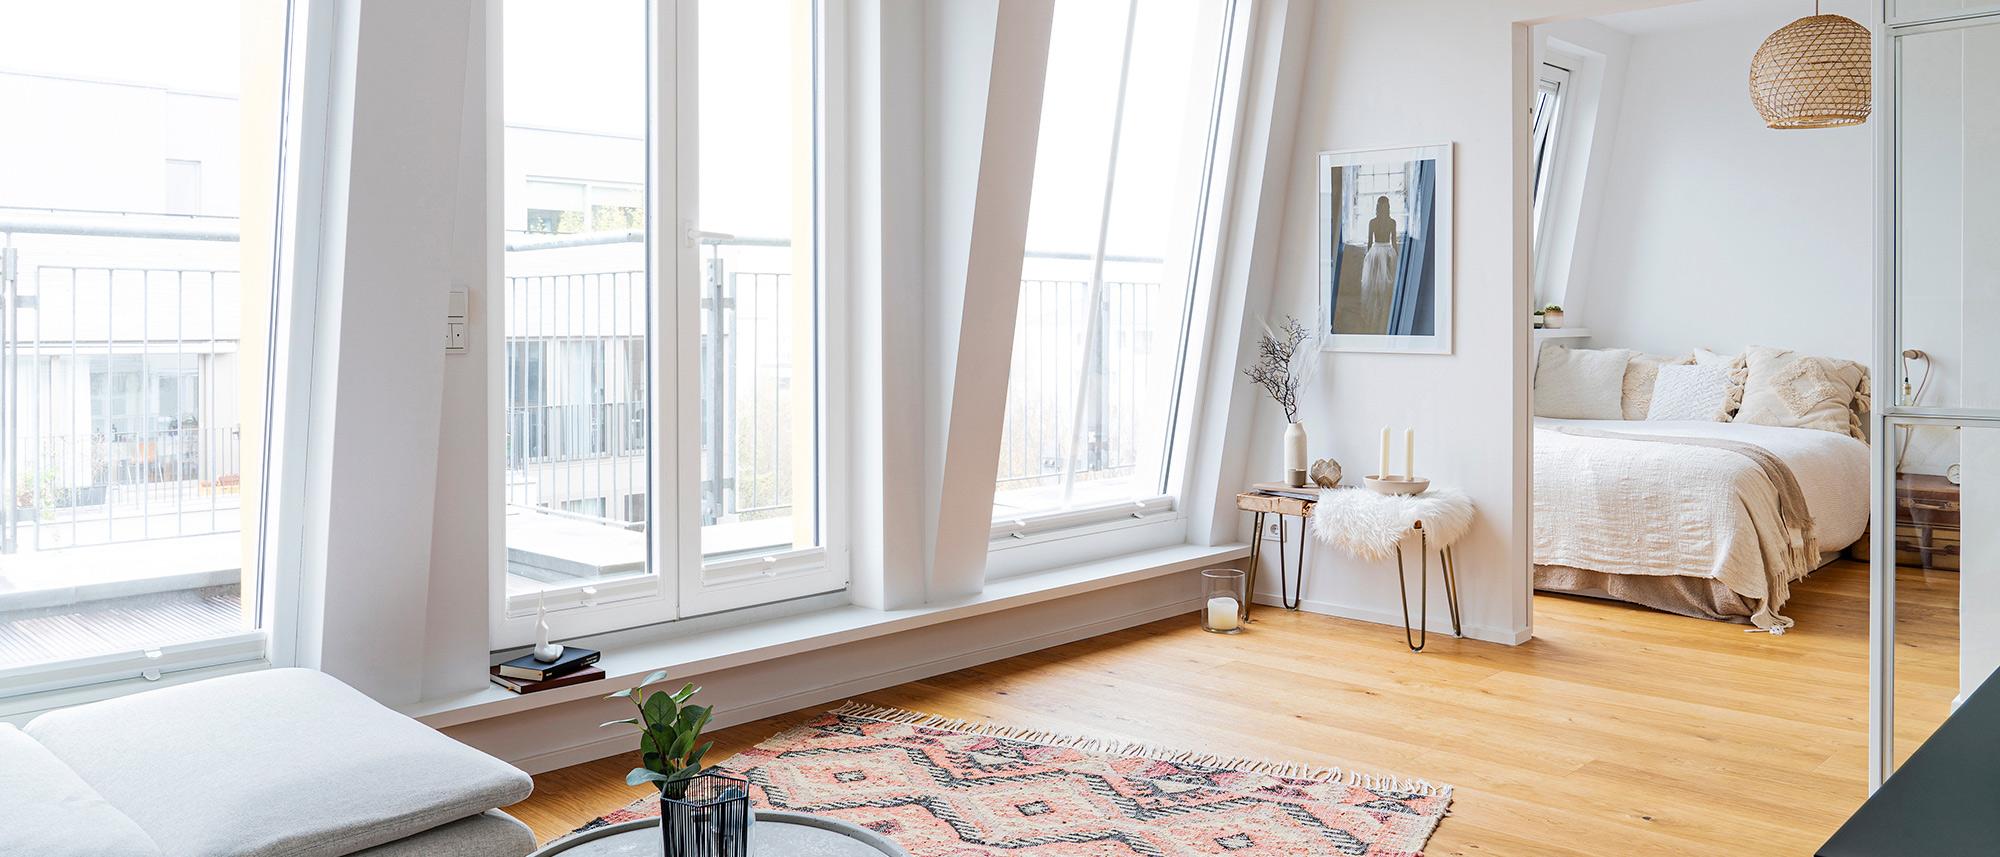 Komplettumbau der Dachgeschoss Wohnung nach Plänen und Entwürfen der Architektin Judith Wahle, Neue Dielenböden, Bäder, Planungsunterstützung und Kostenschätzung, Qualitätssicherung, Kostenkontrolle, Baukoordinierung aller Gewerke inkl. Haustechnik und komplettem Möbelbau